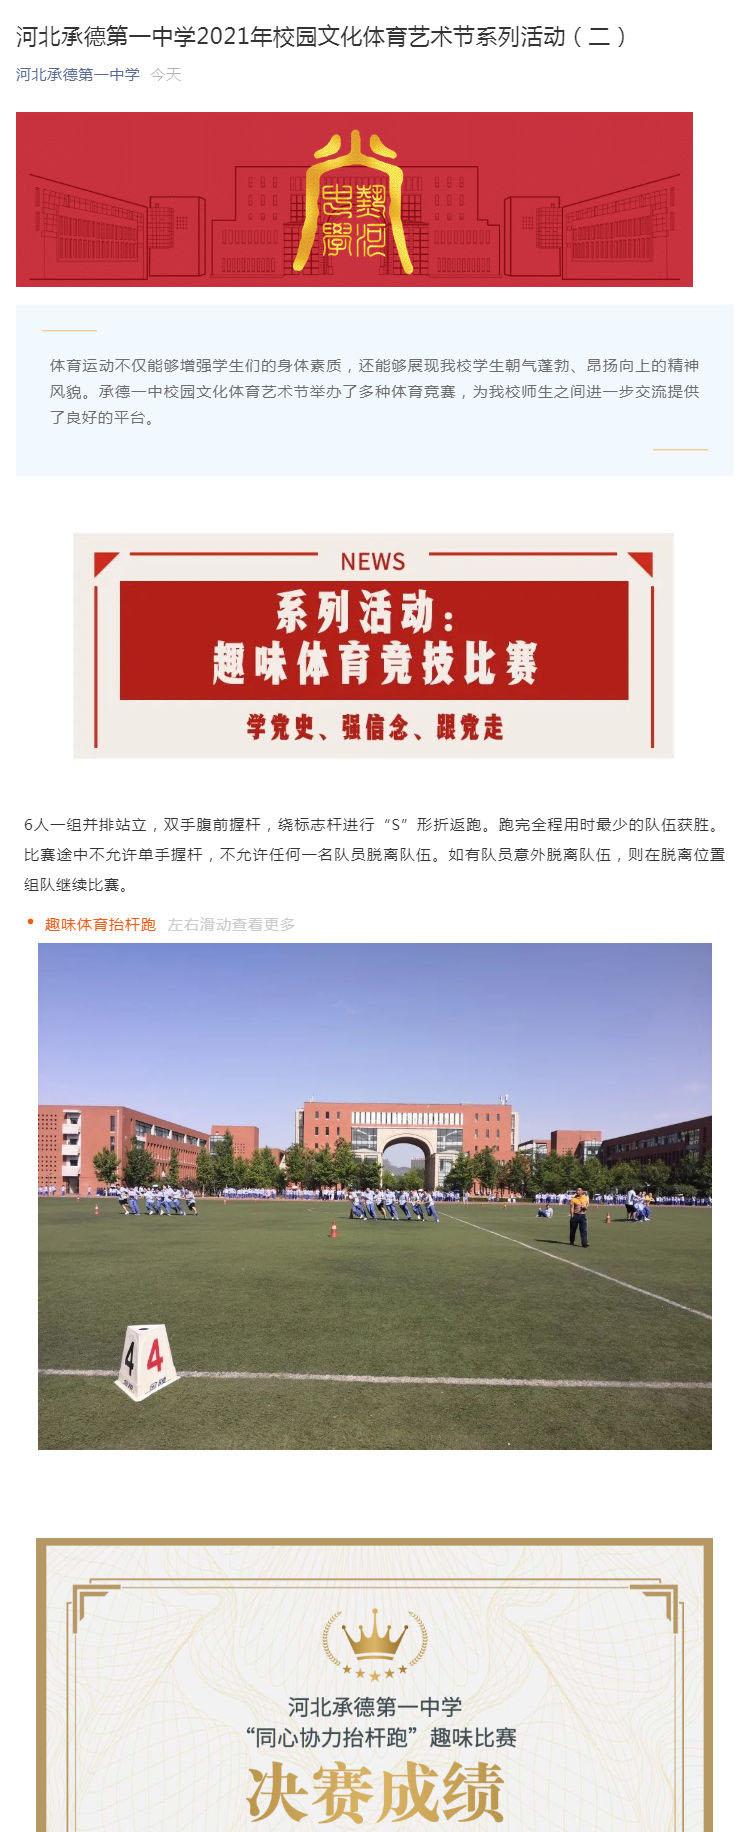 河北承德第一中学2021年校园文化体育艺术节系列活动(二)_壹伴长图1.jpg